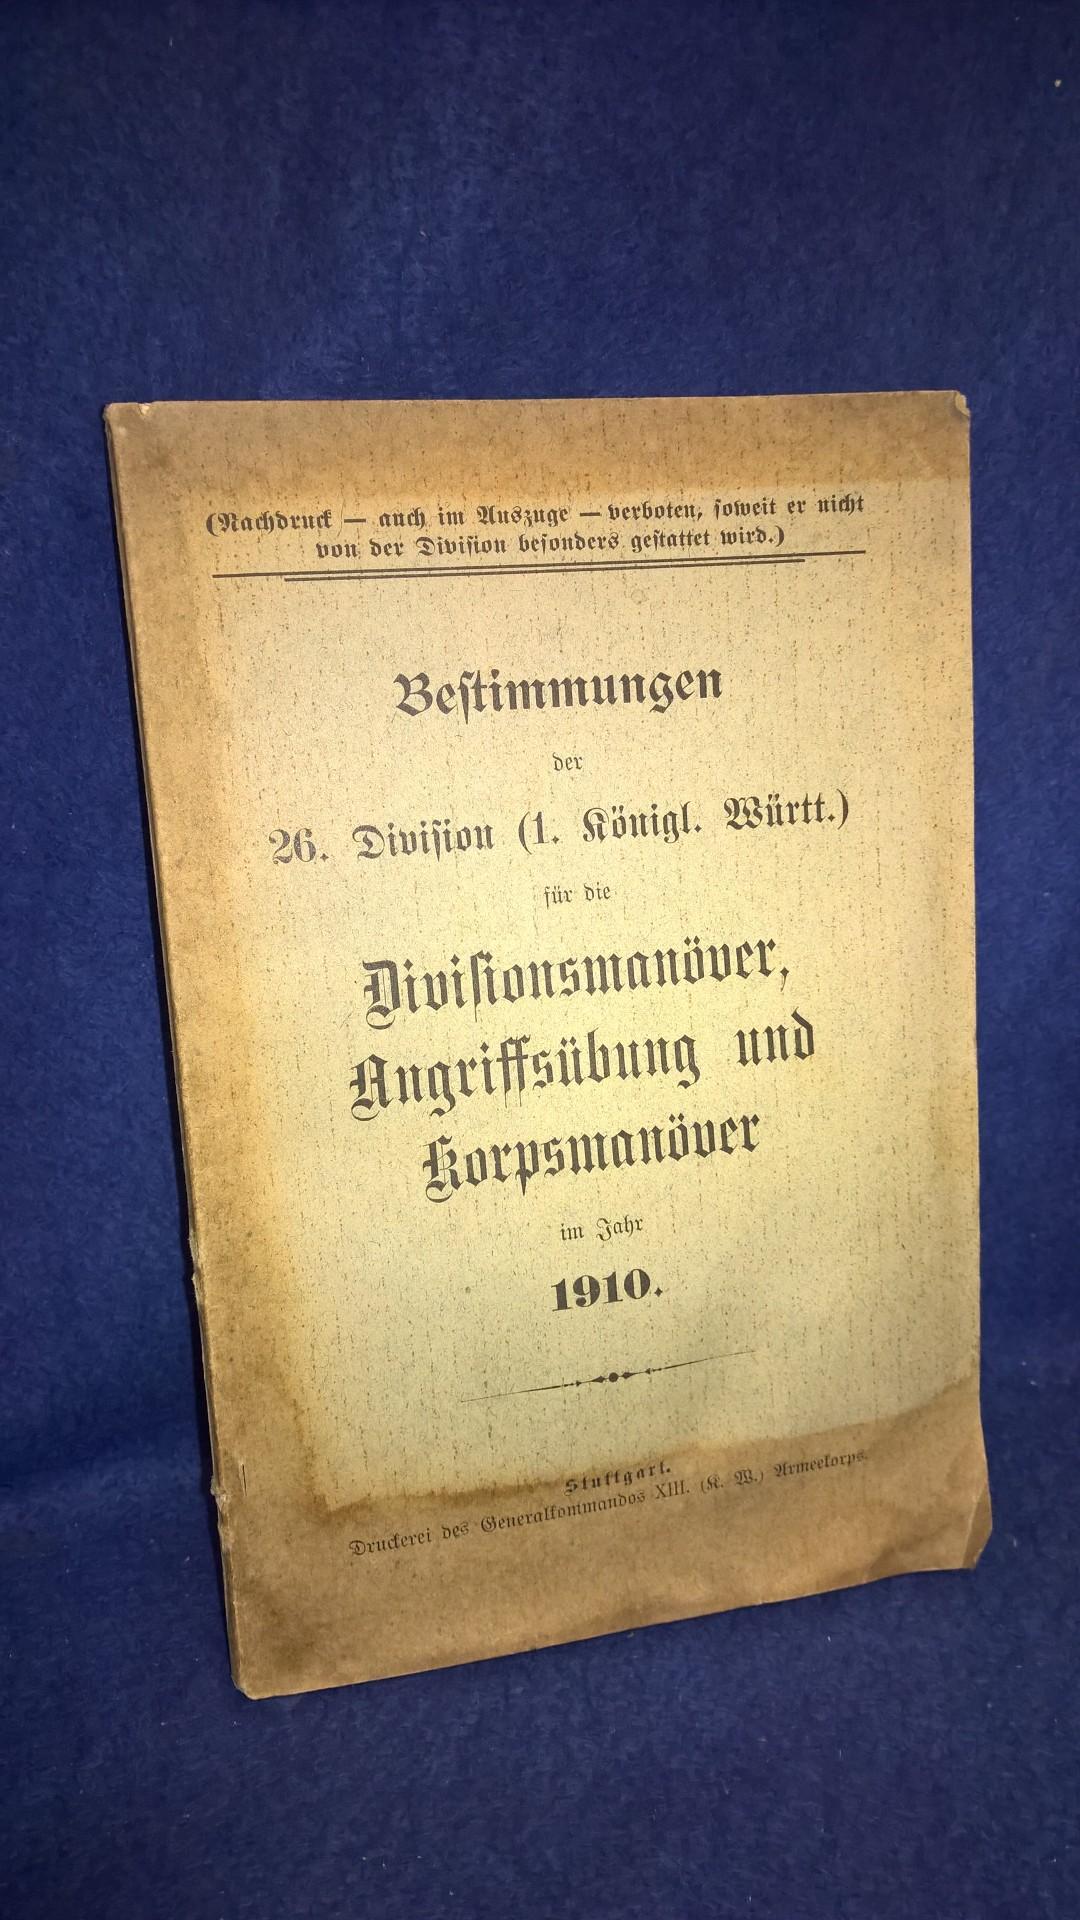 Bestimmungen der 26. Division ( 1. Kgl. Württ. ) für die Divisionsmanöver, Angriffsübung und Korpsmanöver im Jahre 1910.